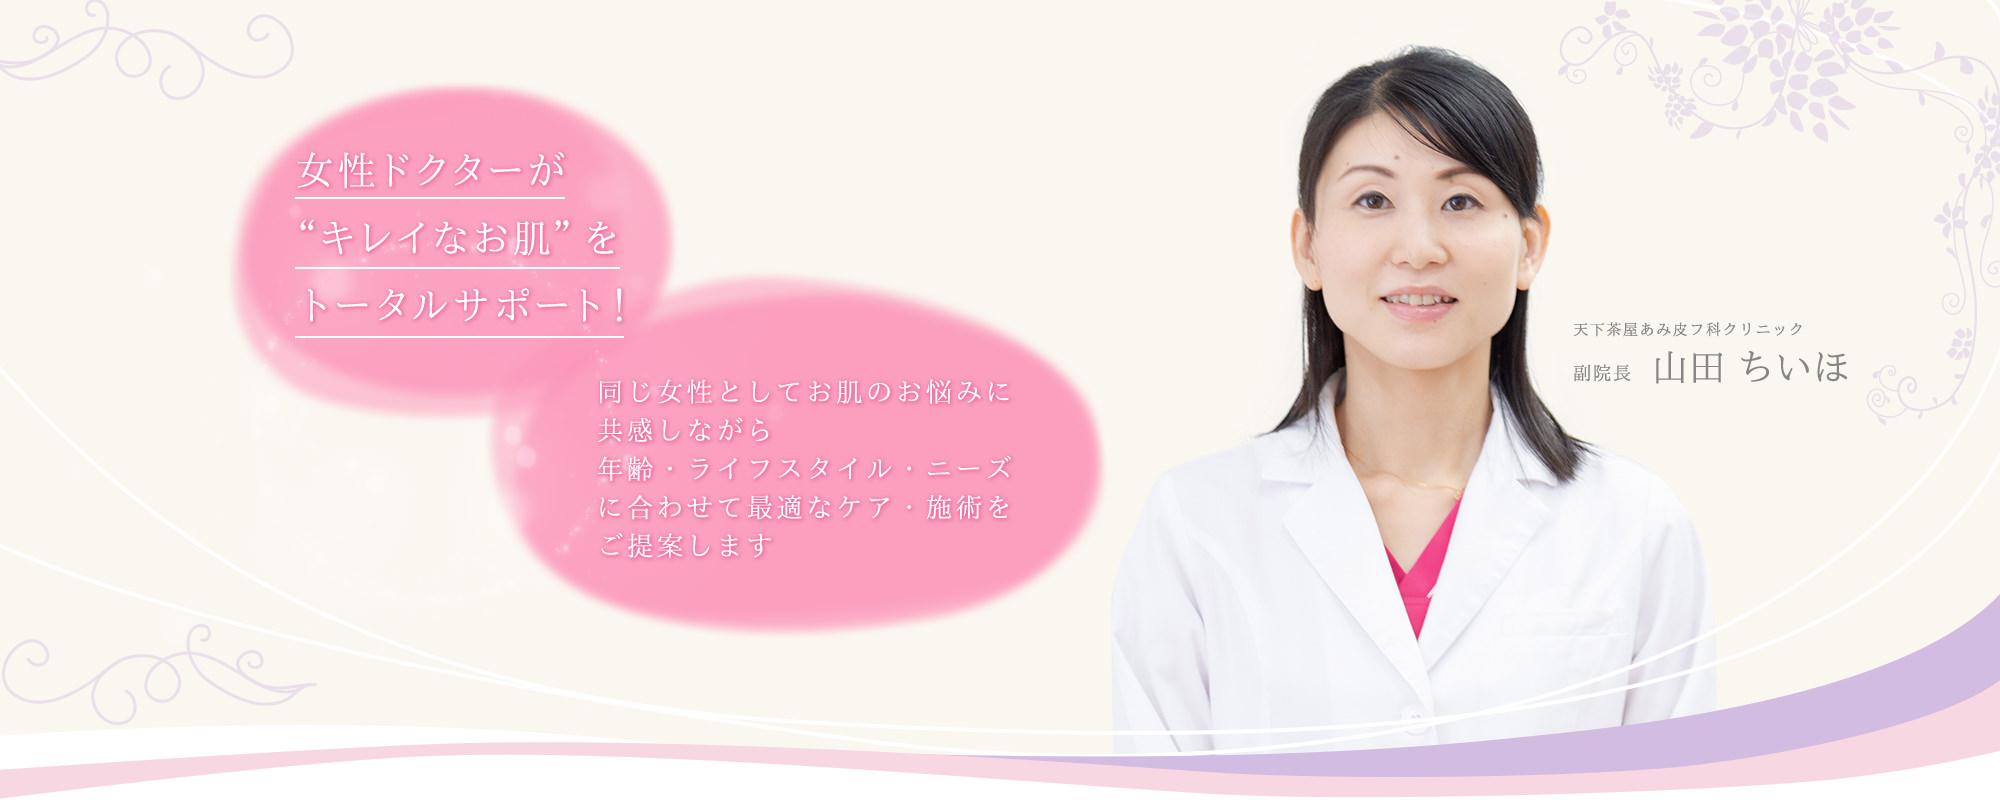 """女性ドクターが""""キレイなお肌""""をトータルサポート! 同じ女性としてお肌のお悩みに共感しながら年齢・ライフスタイル・ニーズに合わせて最適なケア・施術をご提案します"""